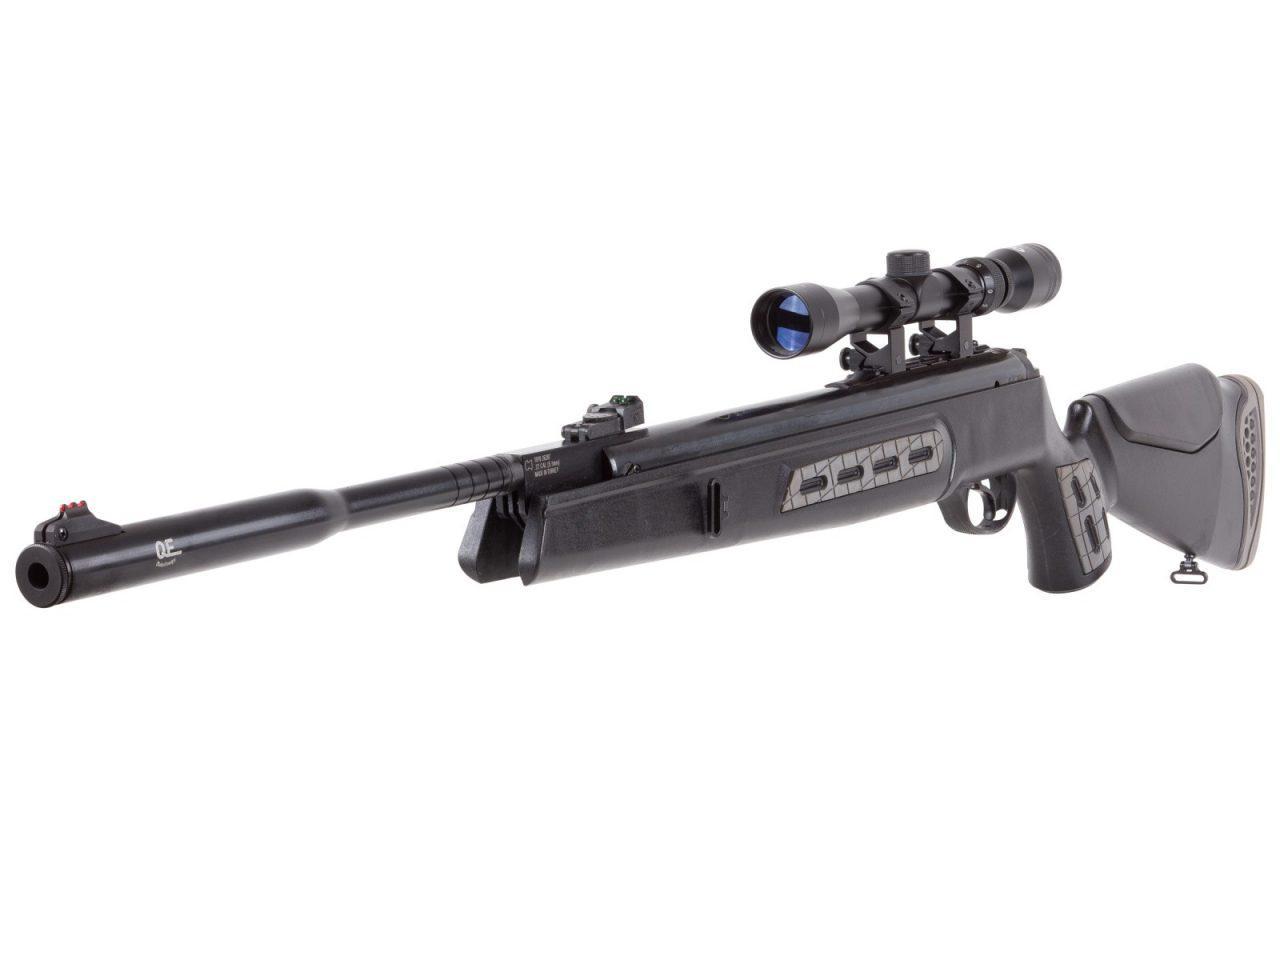 Какой оптический прицел выбрать для пневматической винтовки Hatsan 125 класса «магнум»